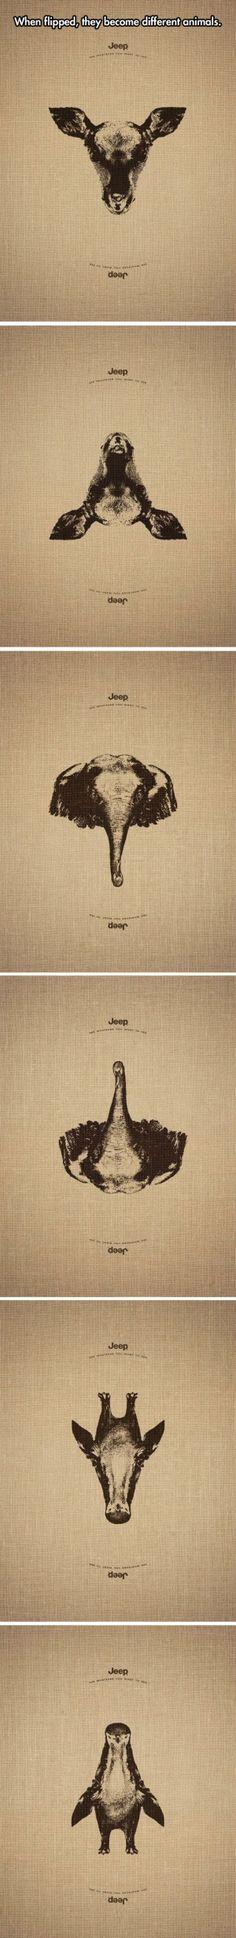 Creative Campaign